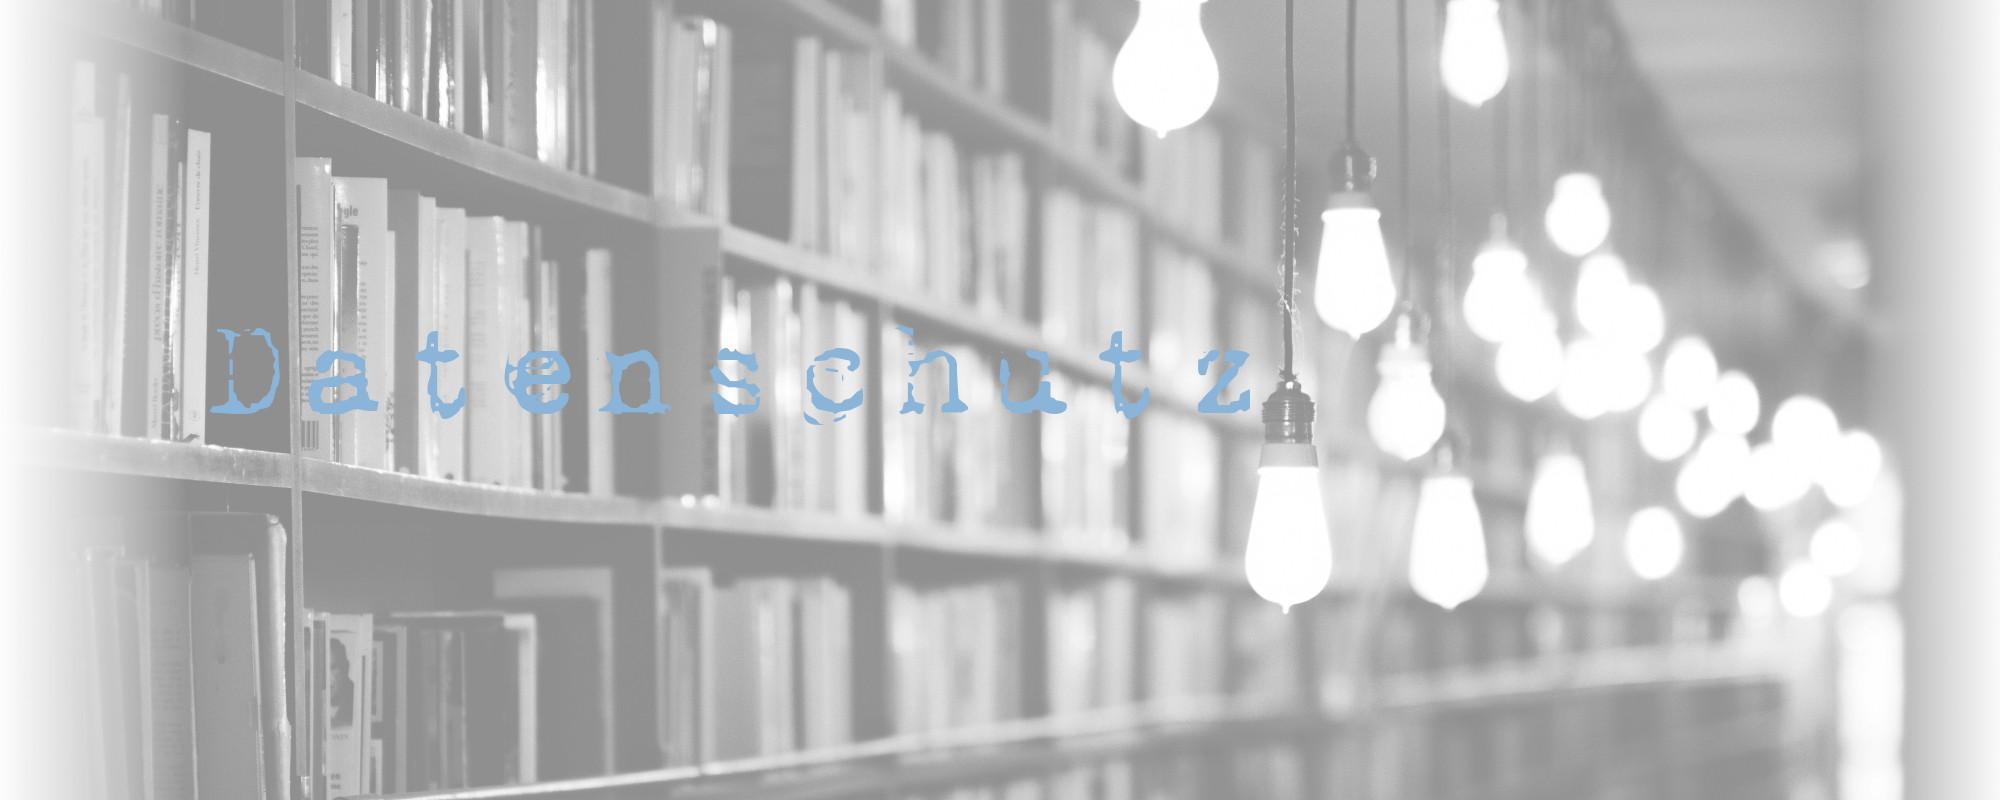 Gerold-Tietz-Schriftsteller-Datenschutz